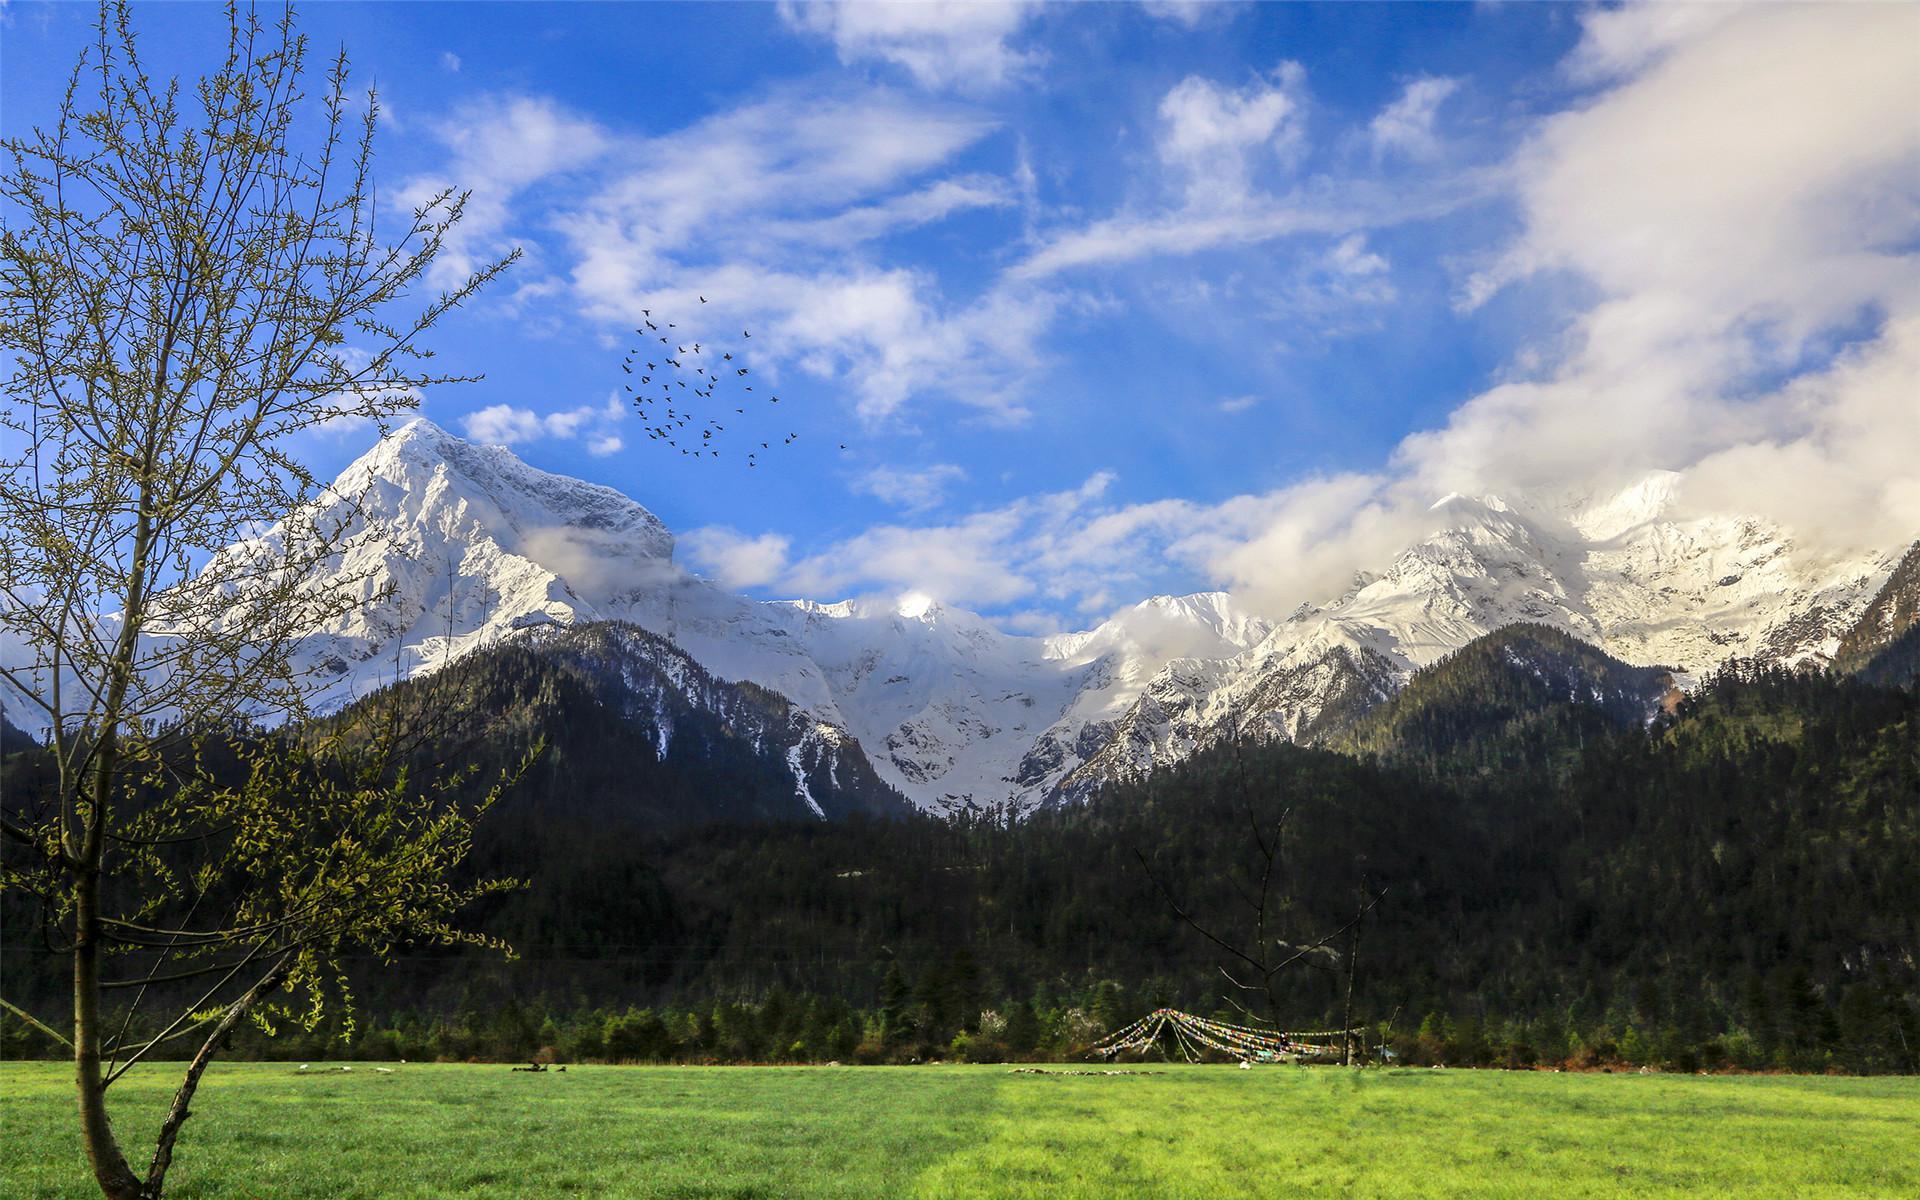 波密PPT背景图片免费下载是由PPT宝藏(www.pptbz.com)会员zengmin上传推荐的风景PPT背景图片, 更新时间为2016-12-08,素材编号114329。 波密县,位于西藏自治区东南部,是西藏商品粮基地县之一,是出口菌类松茸、羊肚菌的重要产地之一,境内海洋型冰川发育极好,有著名的卡钦、则普、若果、古乡等冰川。 盔甲山原名阿里措日。其接近山顶部分全由石板岩层构成,经线长而分明,经风化形成若干层很长的台阶。每年4-5月或9-10月,积雪在石板崖上化掉一部分后,呈现出古代兵勇所披盔甲上的花纹